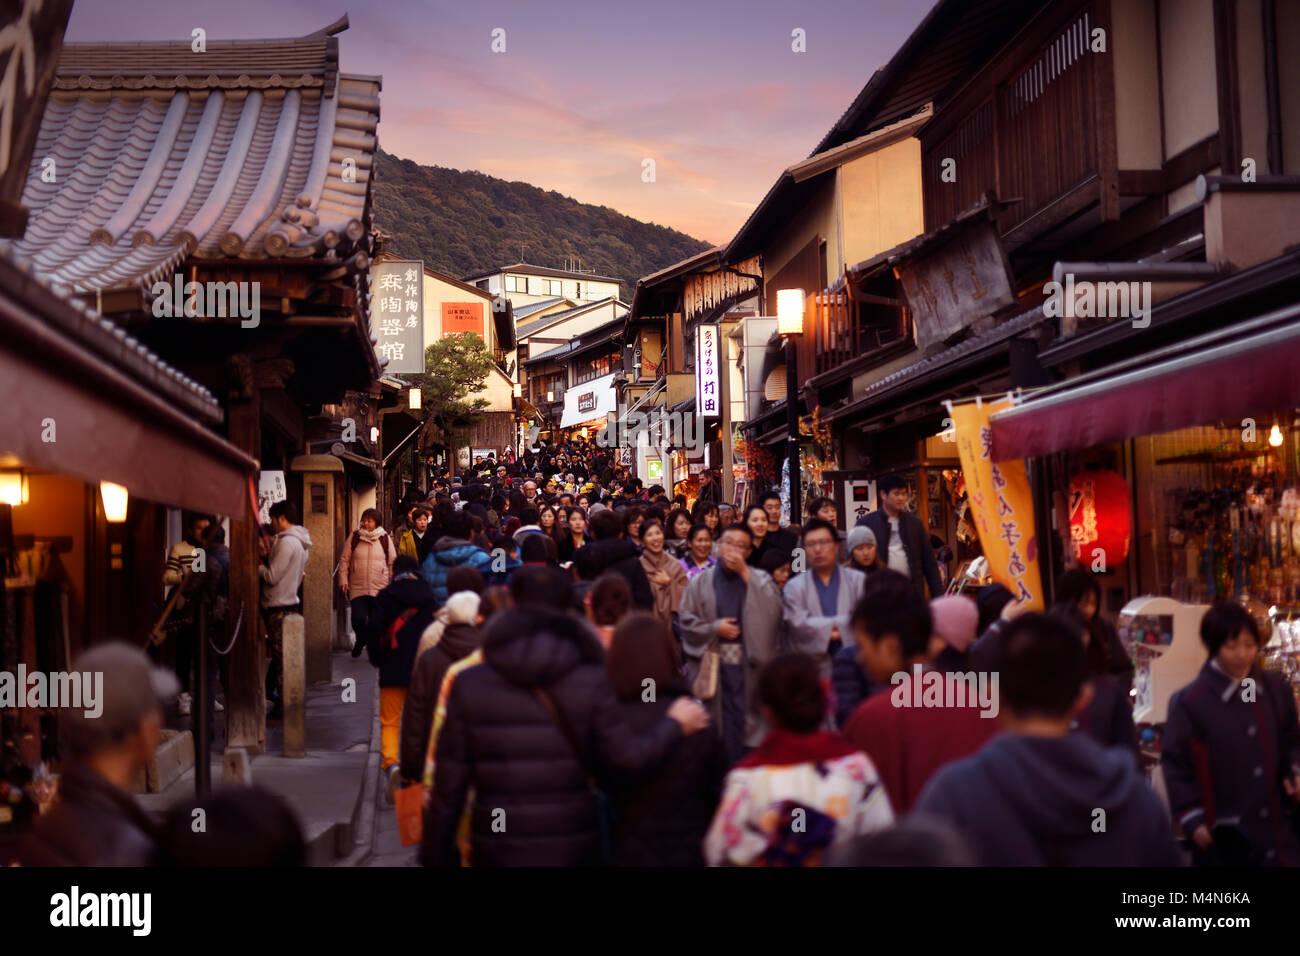 Mit Menschen überfüllt, Matsubara Dori Straße voller Geschäfte und Restaurants, in der Nähe Stockbild